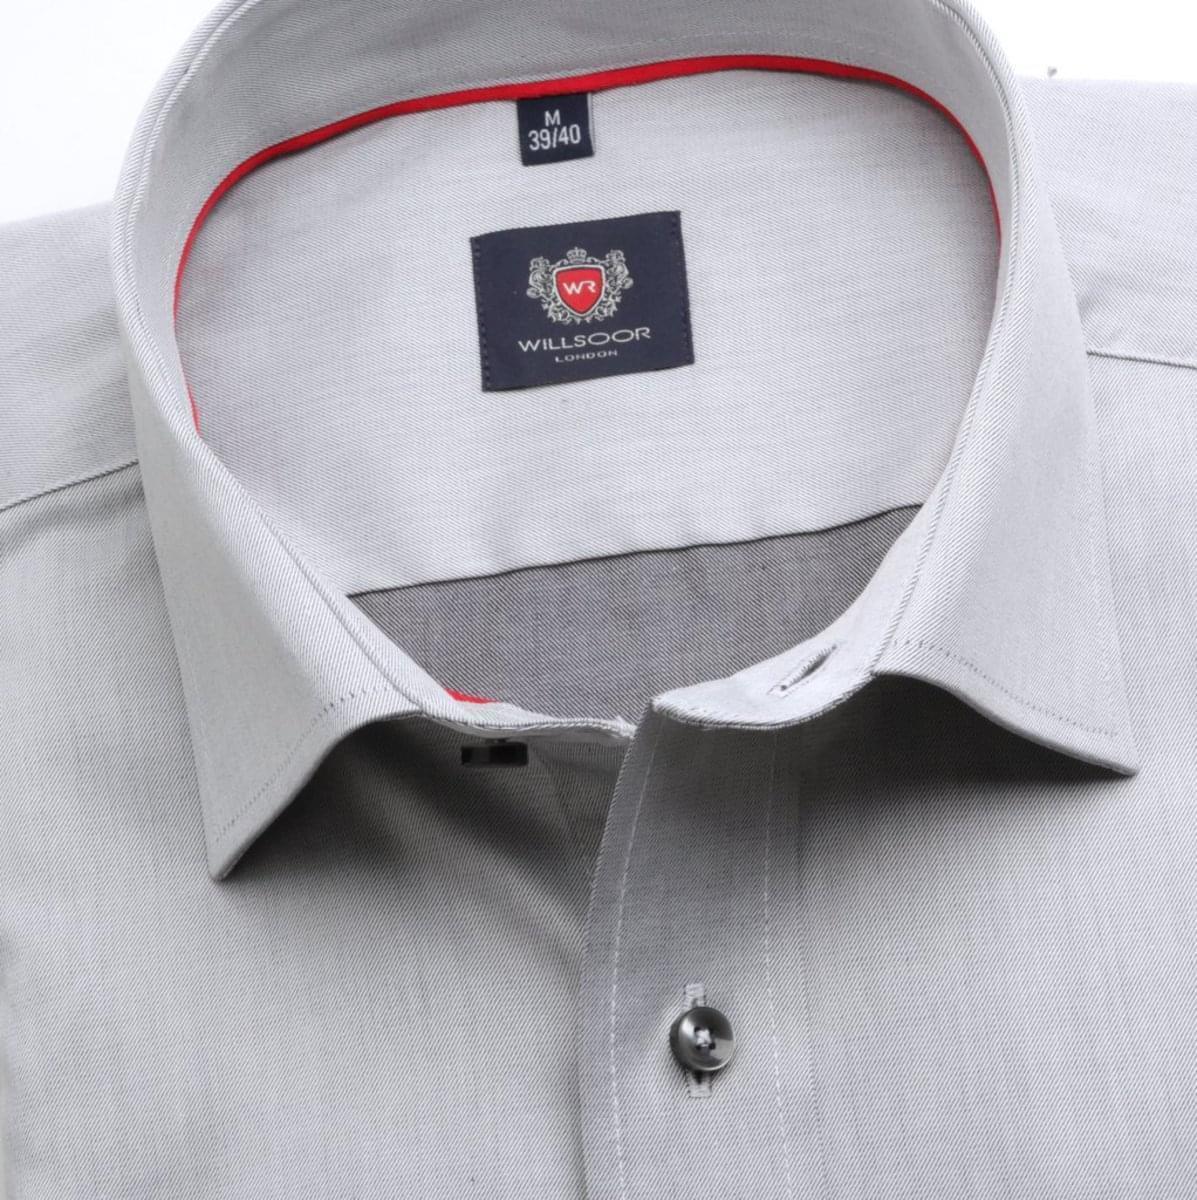 Pánska klasická košeľa London (výška 176-182) 6754 v šedé farbe s formulou Easy Care 176-182 / XL (43/44)